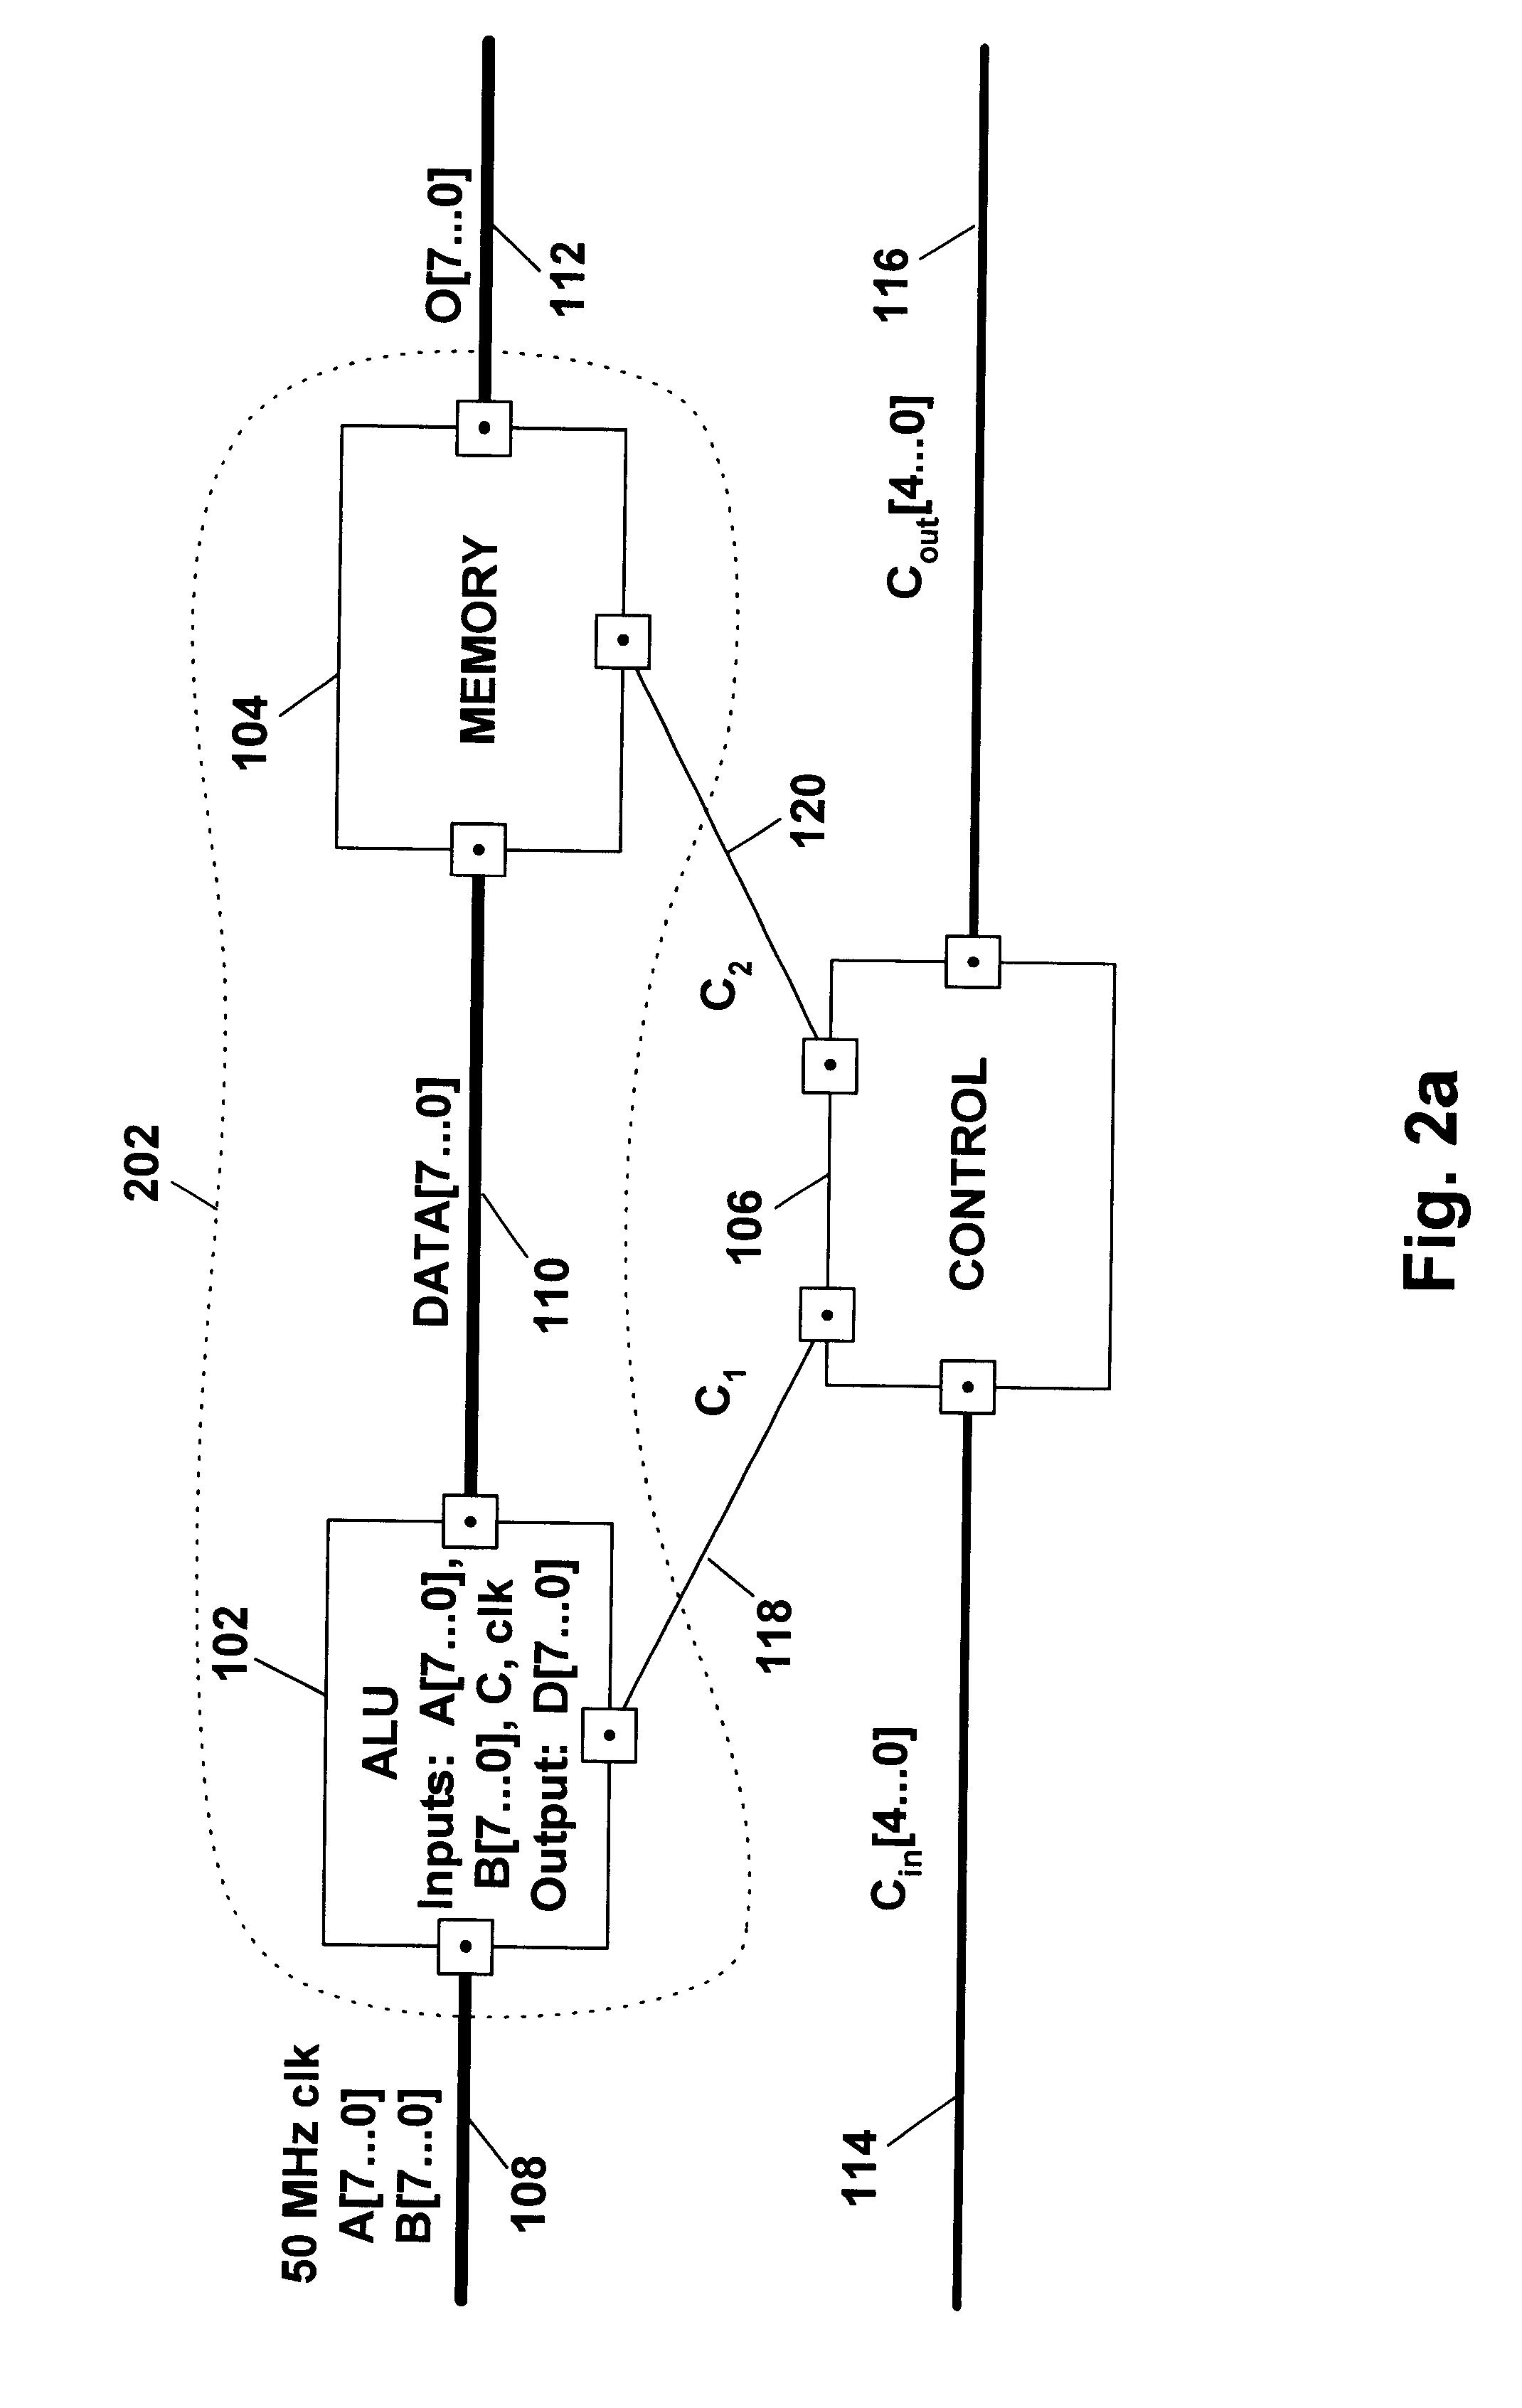 patent us6311309